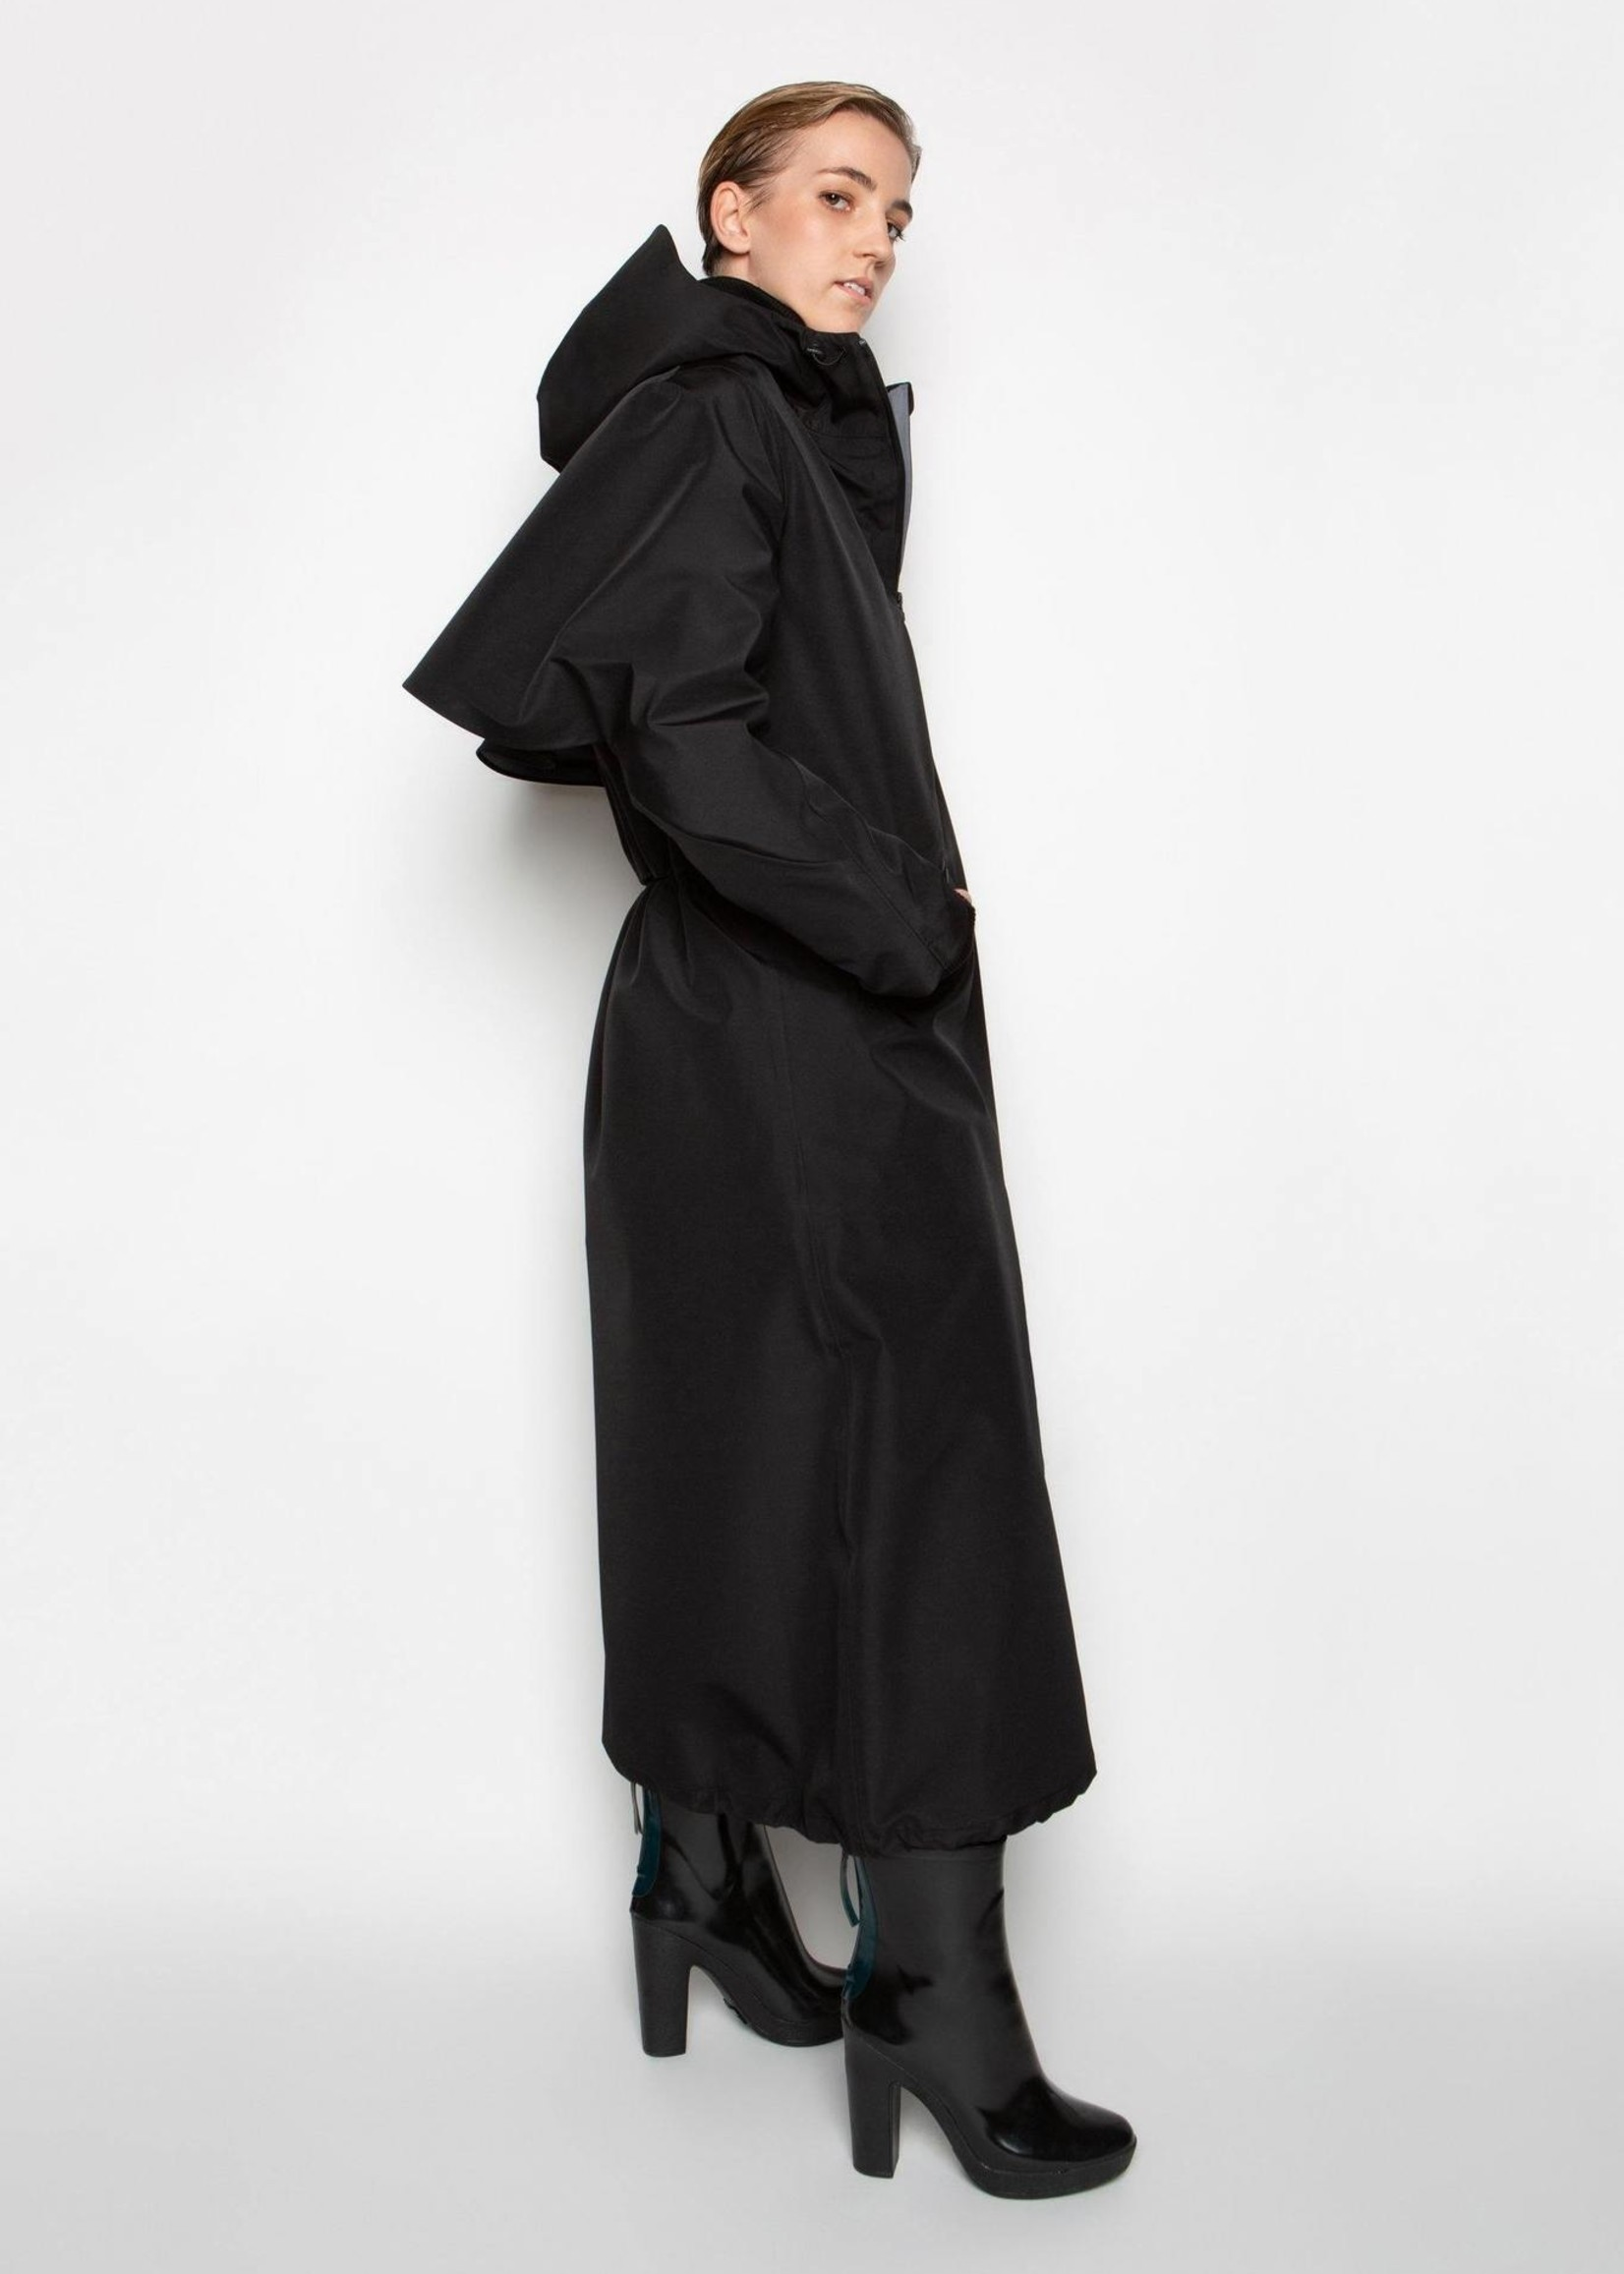 By Brown By brown spirit raincoat black S